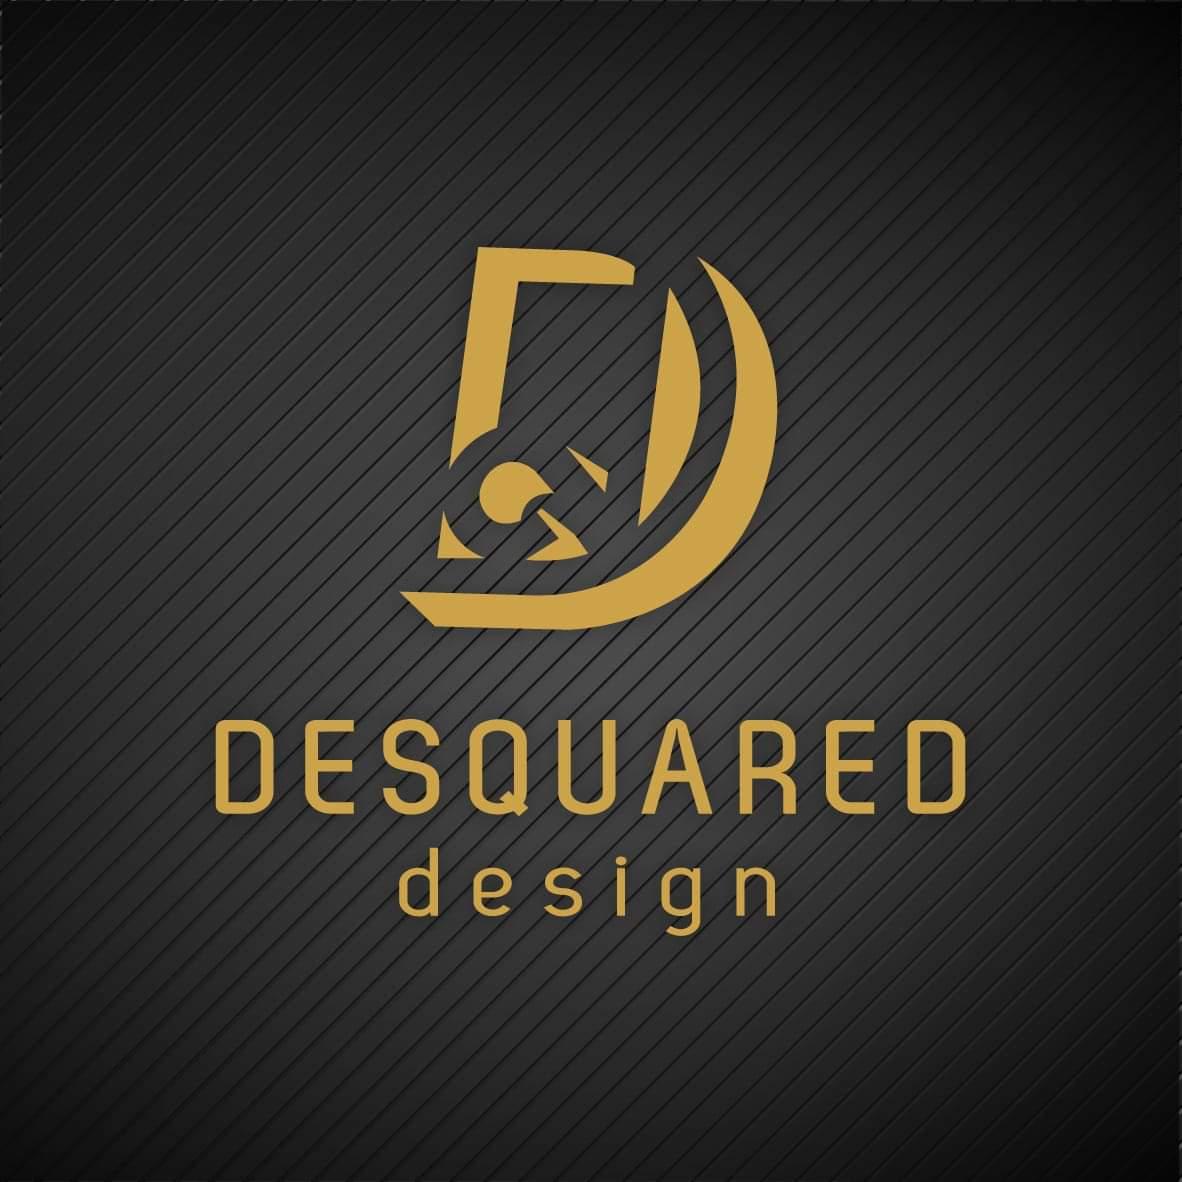 desquared-design Logo